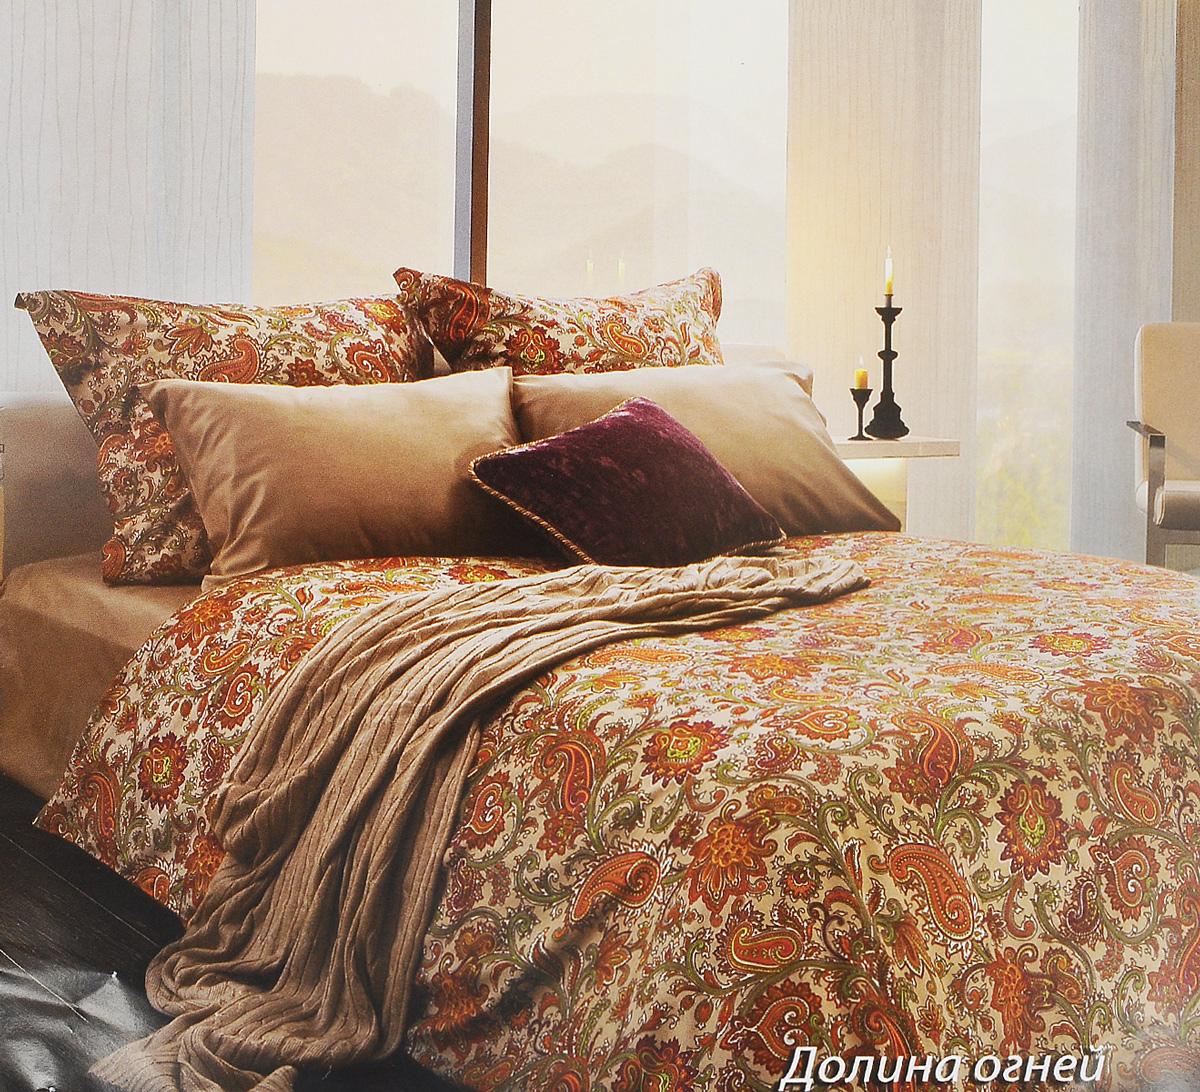 Комплект белья Tiffanys Secret Долина огней, евро, наволочки 70х70, цвет: бежевый, оранжевый, белый2040816134Комплект постельного белья Tiffanys Secret Долина огней является экологически безопасным для всей семьи, так как выполнен из сатина (100% хлопок). Комплект состоит из пододеяльника, простыни и двух наволочек. Предметы комплекта оформлены оригинальным рисунком. Благодаря такому комплекту постельного белья вы сможете создать атмосферу уюта и комфорта в вашей спальне. Сатин - это ткань, навсегда покорившая сердца человечества. Ценившие роскошь персы называли ее атлас, а искушенные в прекрасном французы - сатин. Секрет высококачественного сатина в безупречности всего технологического процесса. Эту благородную ткань делают только из отборной натуральной пряжи, которую получают из самого лучшего тонковолокнистого хлопка. Благодаря использованию самой тонкой хлопковой нити получается необычайно мягкое и нежное полотно. Сатиновое постельное белье превращает жаркие летние ночи в прохладные и освежающие, а холодные зимние - в теплые и согревающие. ...